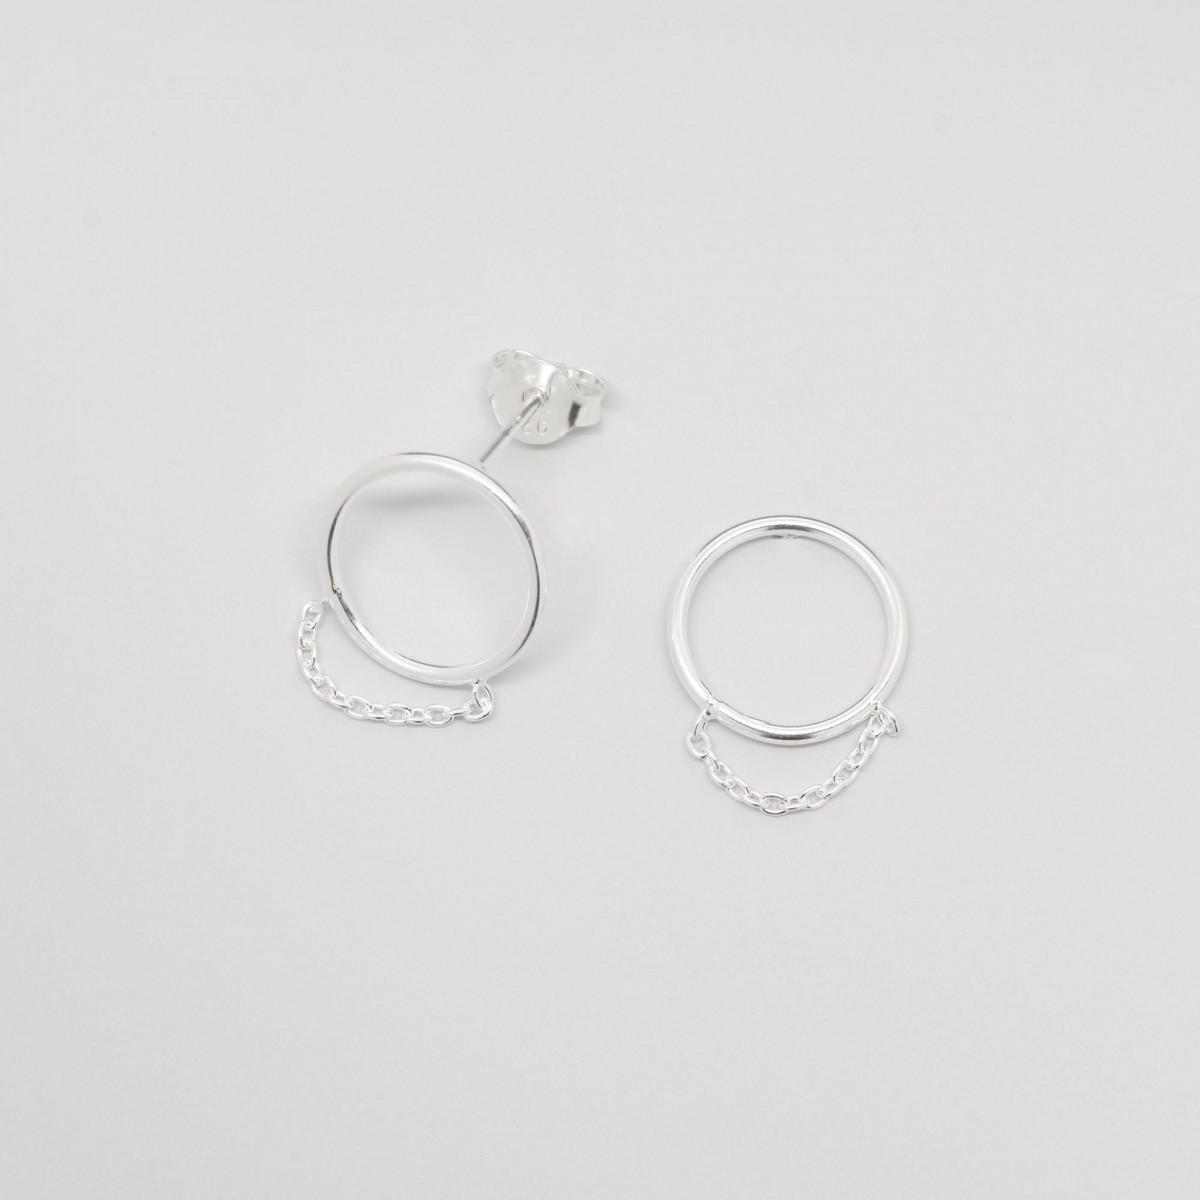 fejn jewelry - Ohrstecker 'filigree chain'